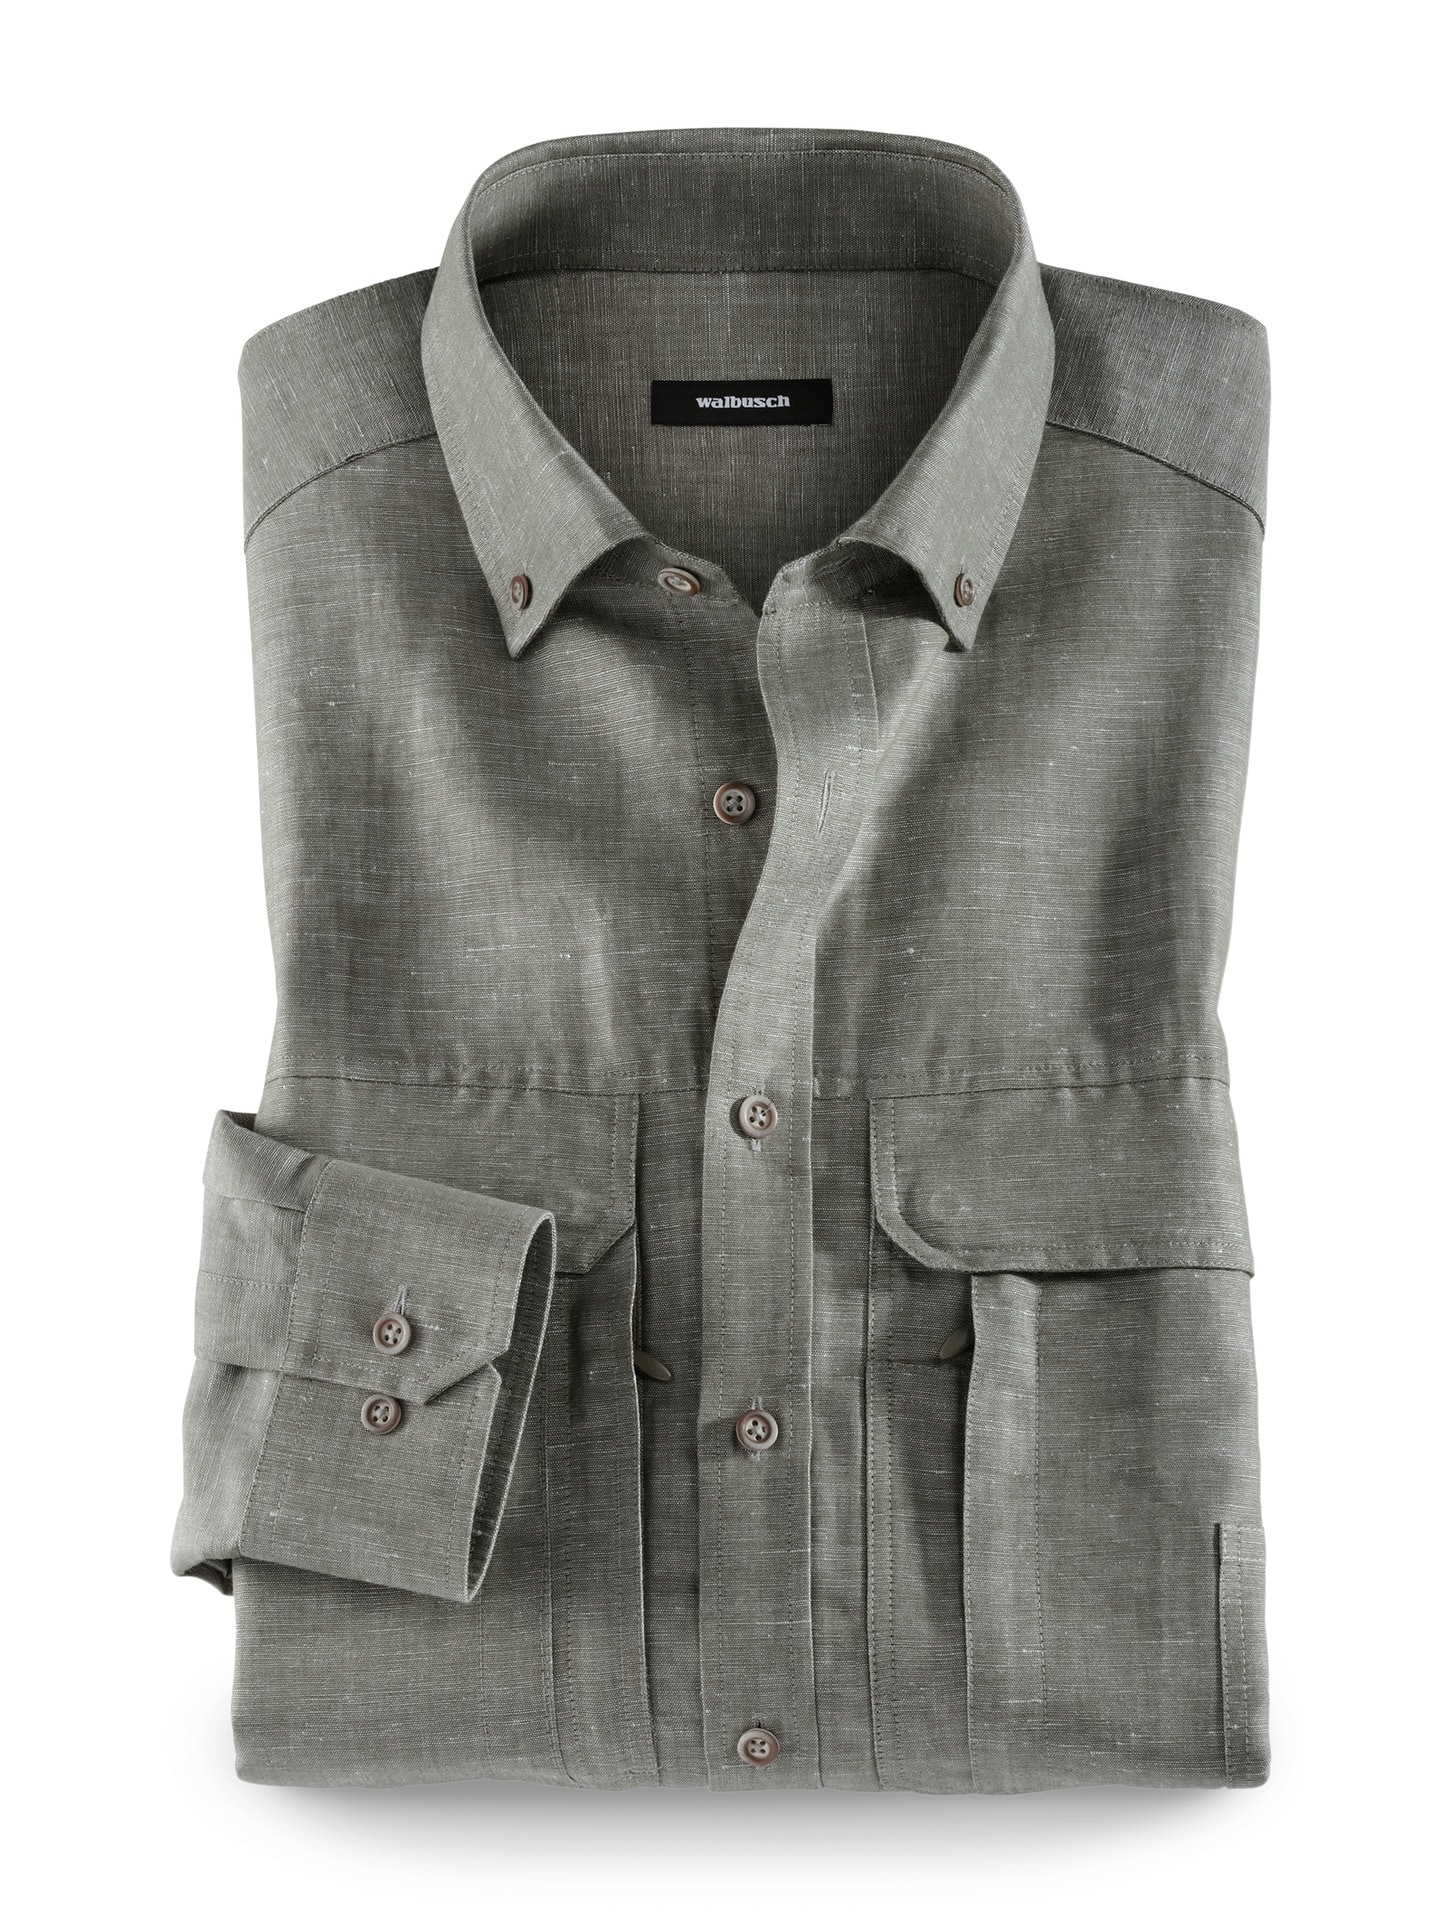 Walbusch Herren 10-Taschen-Safarihemd Größe 47/48 - Langarm